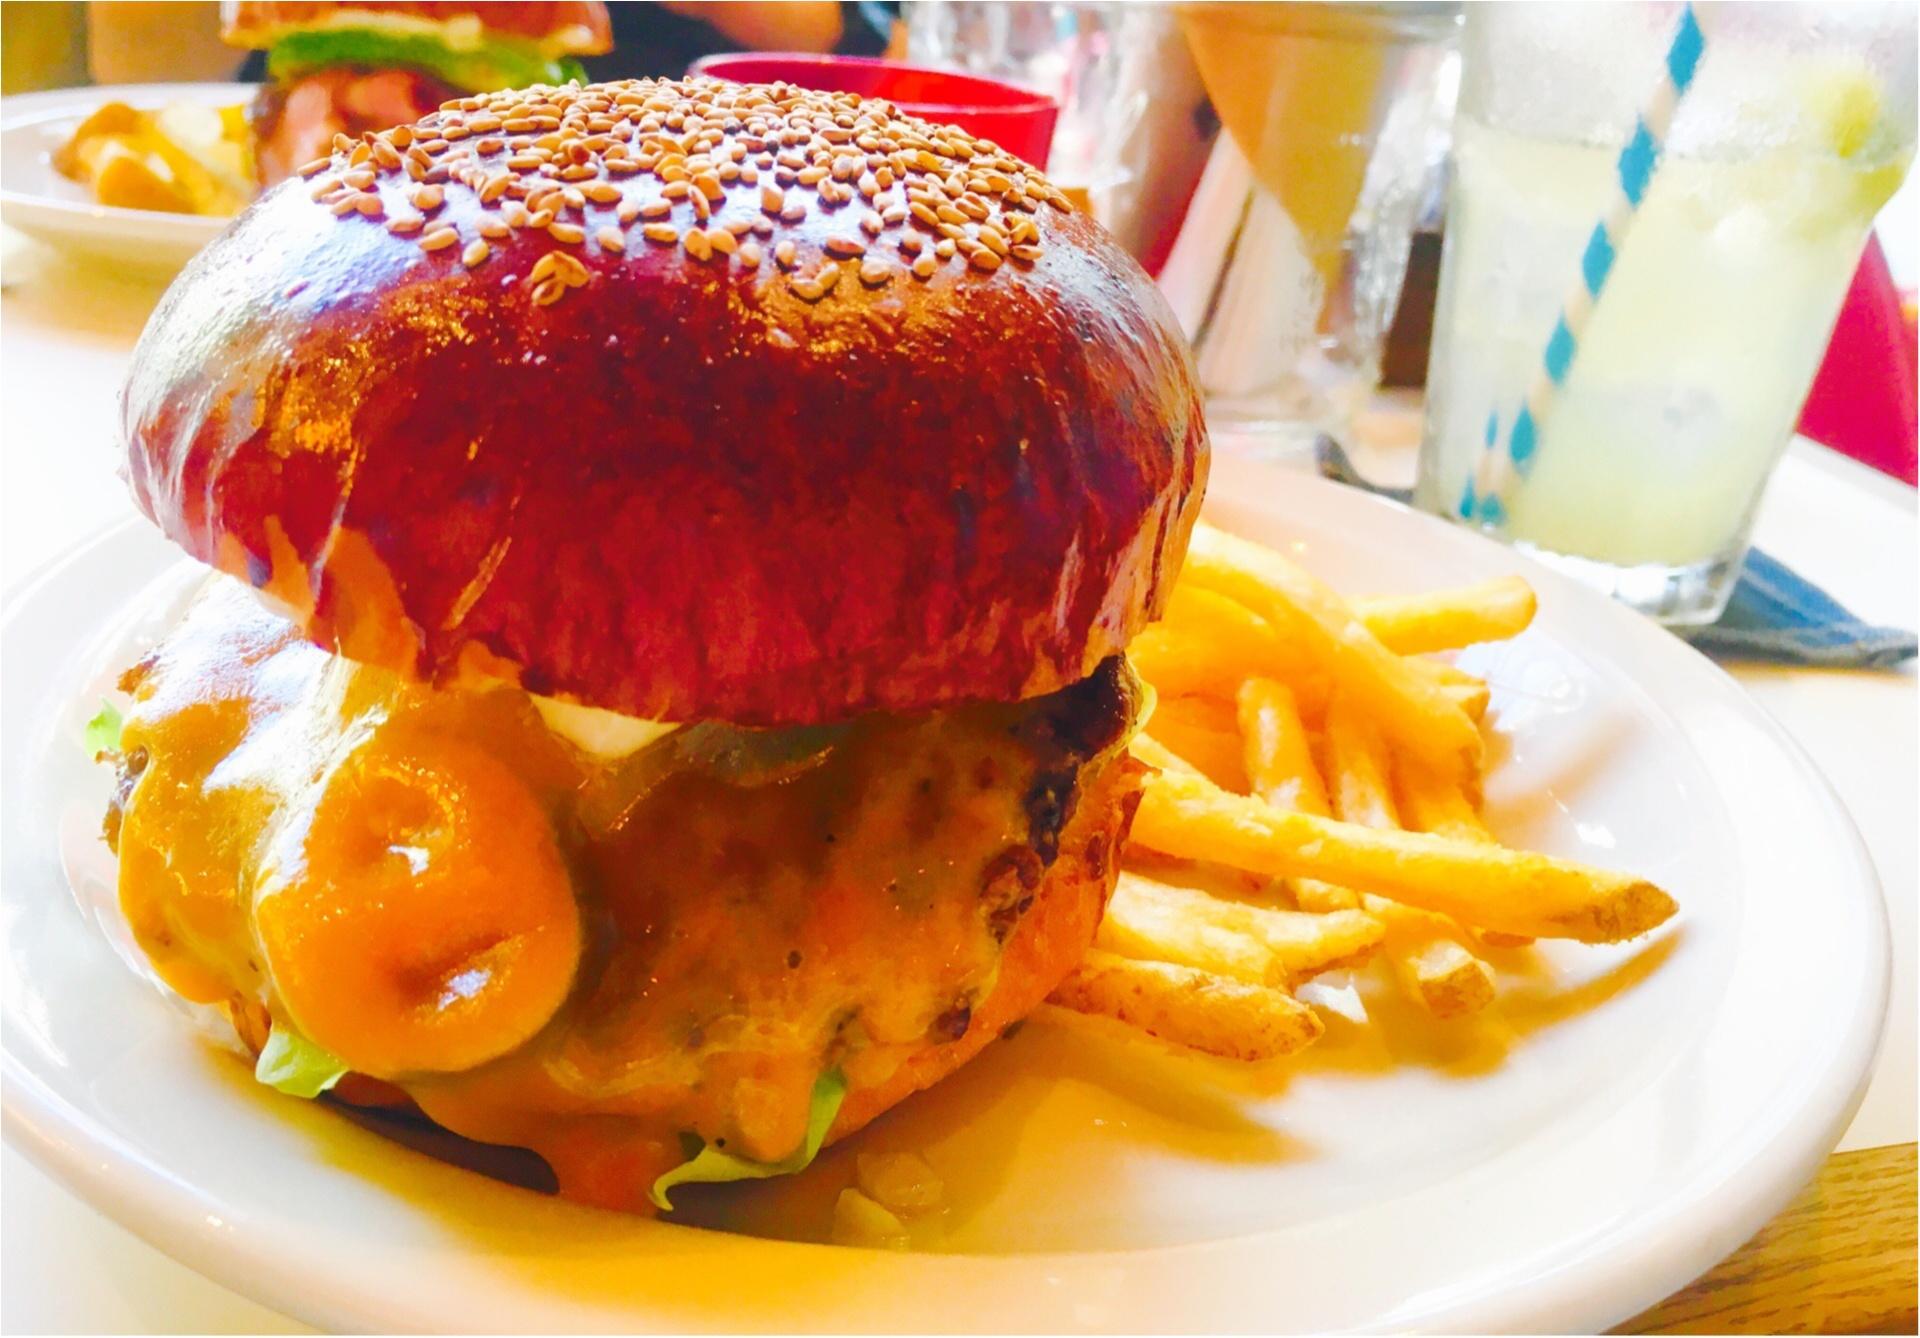 ☺︎♡表参道のハンバーガーやさん!味も見た目も内装もおしゃれアメリカンきらで旅行気分♡_4